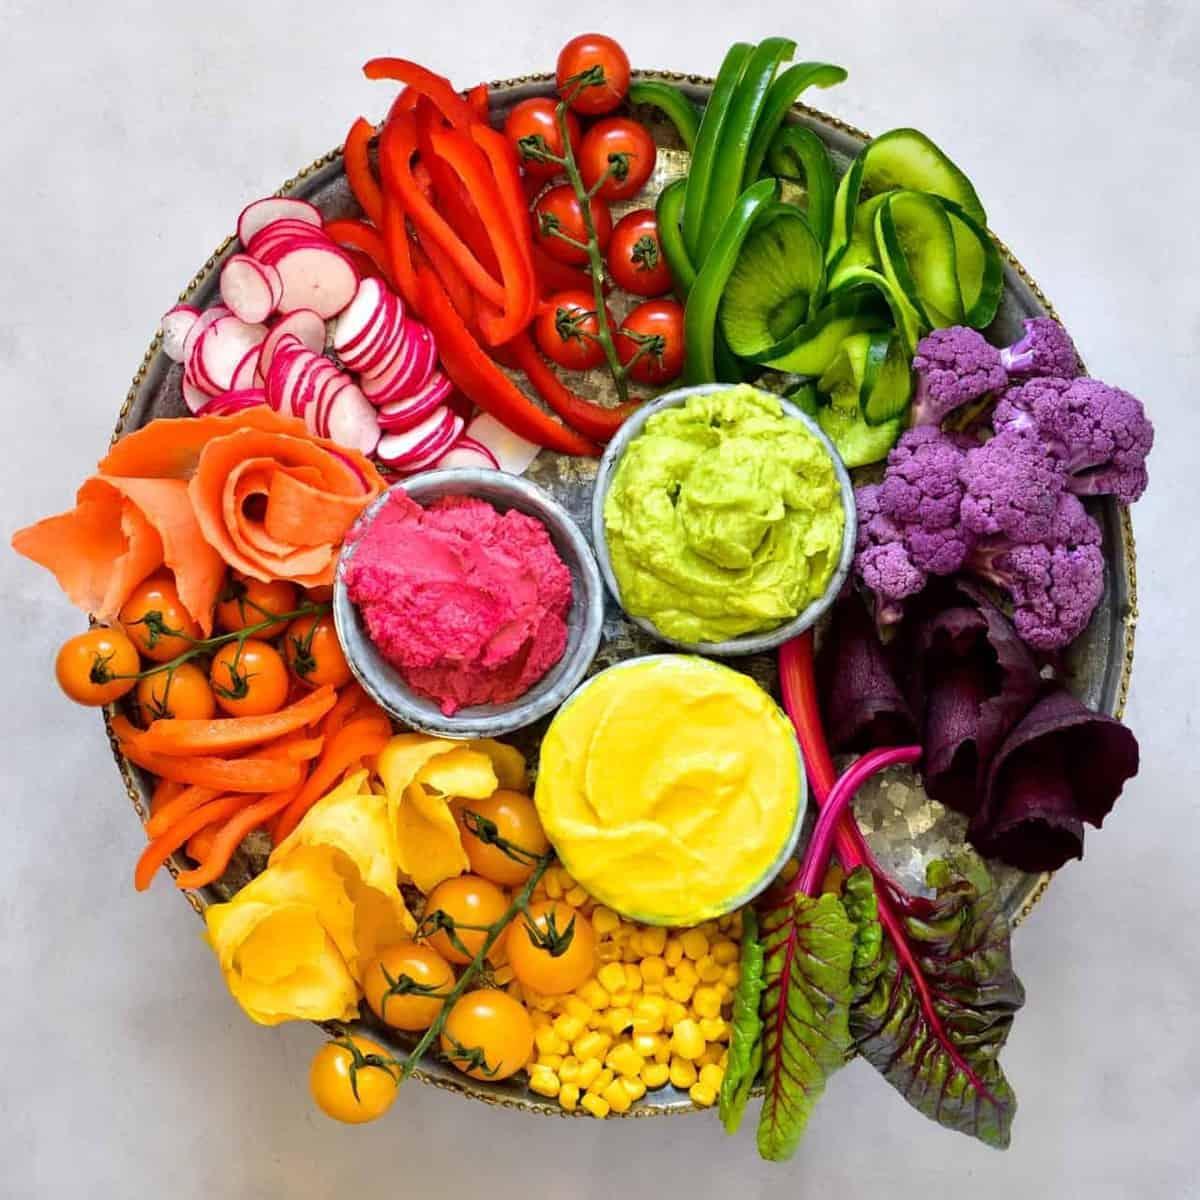 Rainbow Veggie Platter with 3 Hummus dips